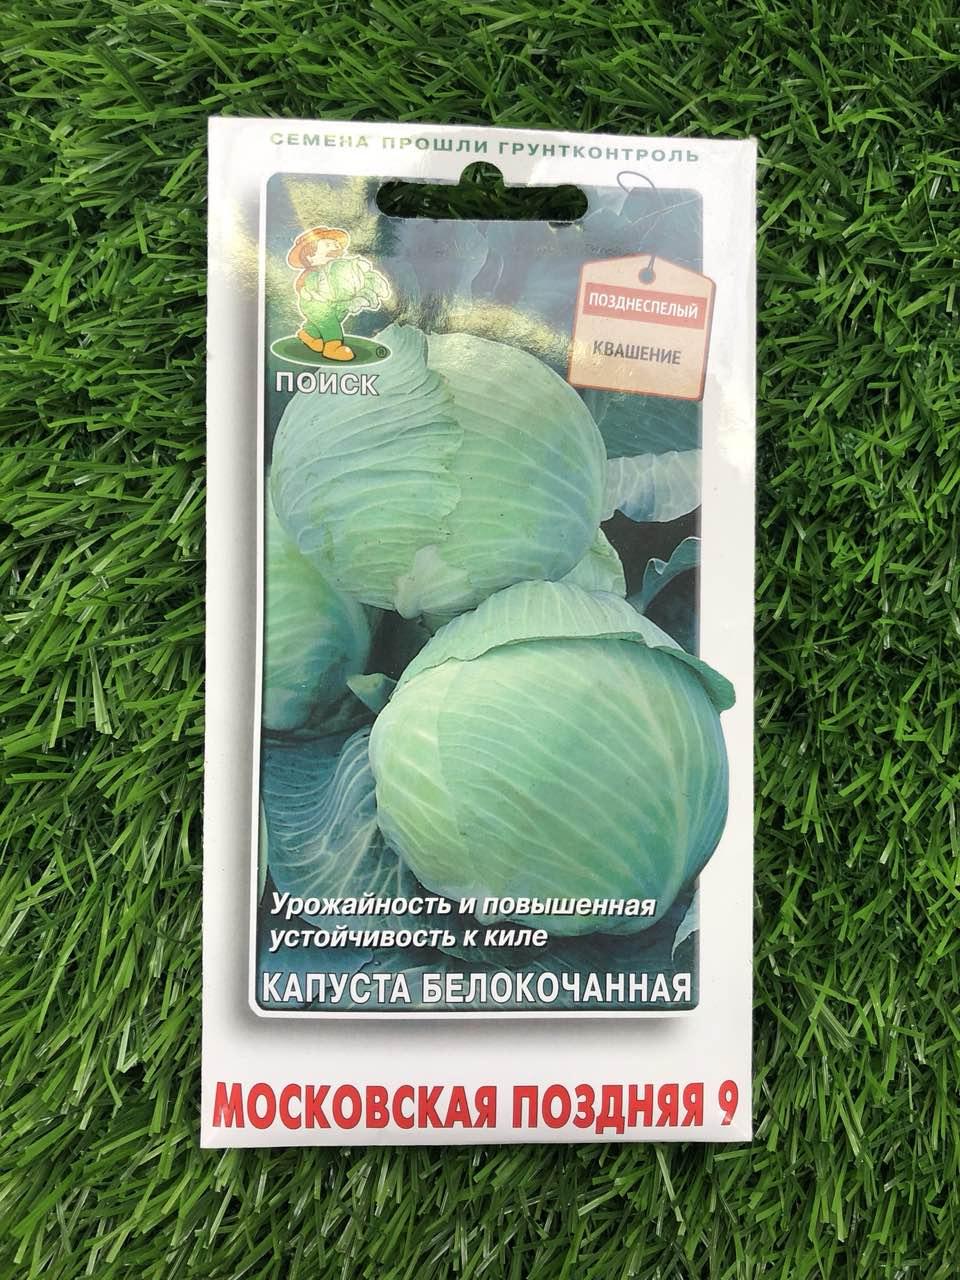 Капуста московская поздняя 15 —  подробное описание сорта